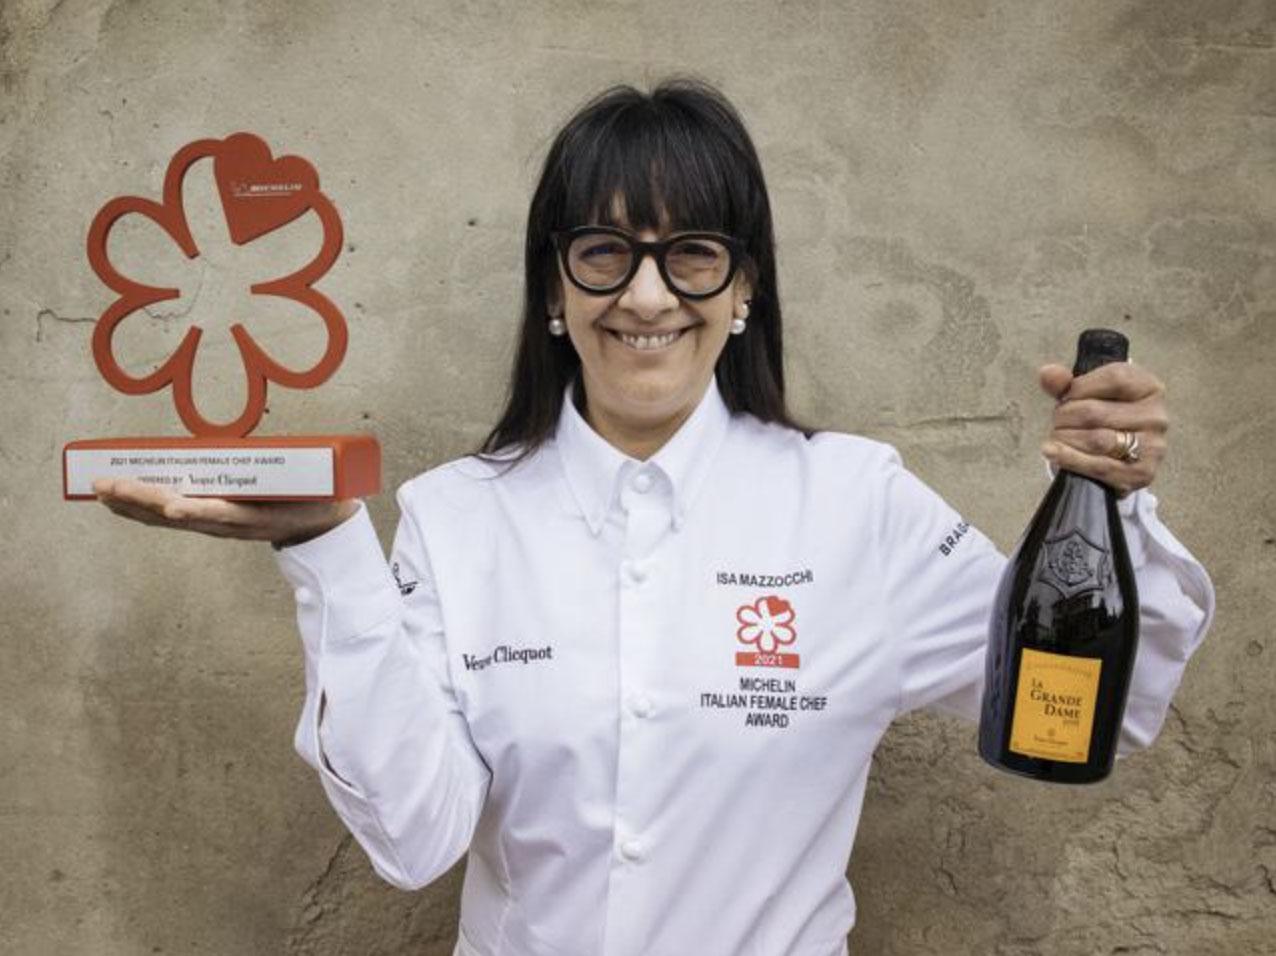 Chef Isa Mazzocchi, Ristorante La Palta, Borgonovo Valtidone, vince il premio il Premio Michelin Chef Donna 2021